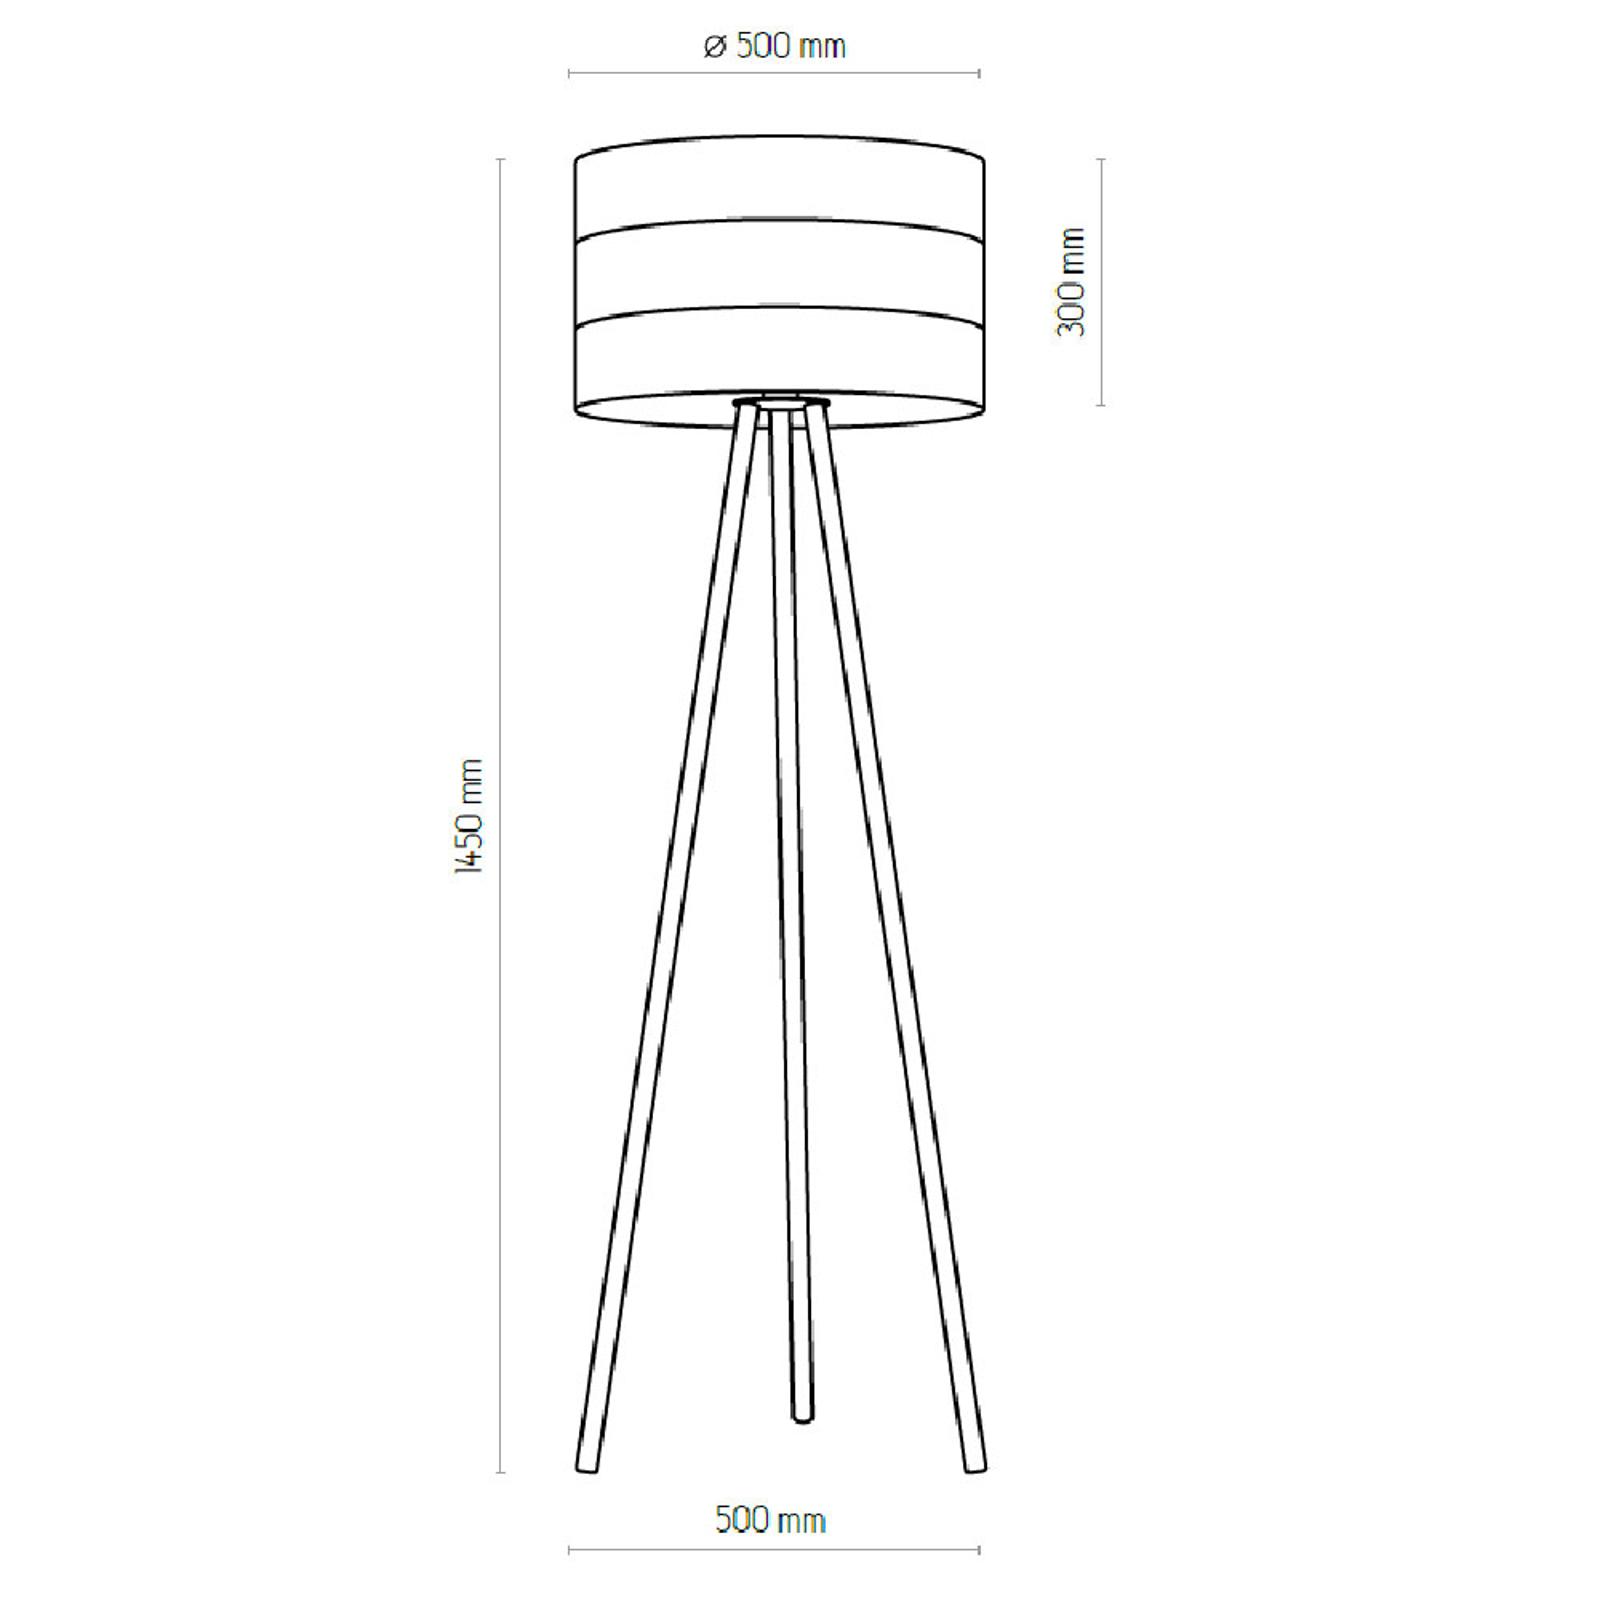 Vloerlamp Tago met driebeen-frame wit/goud